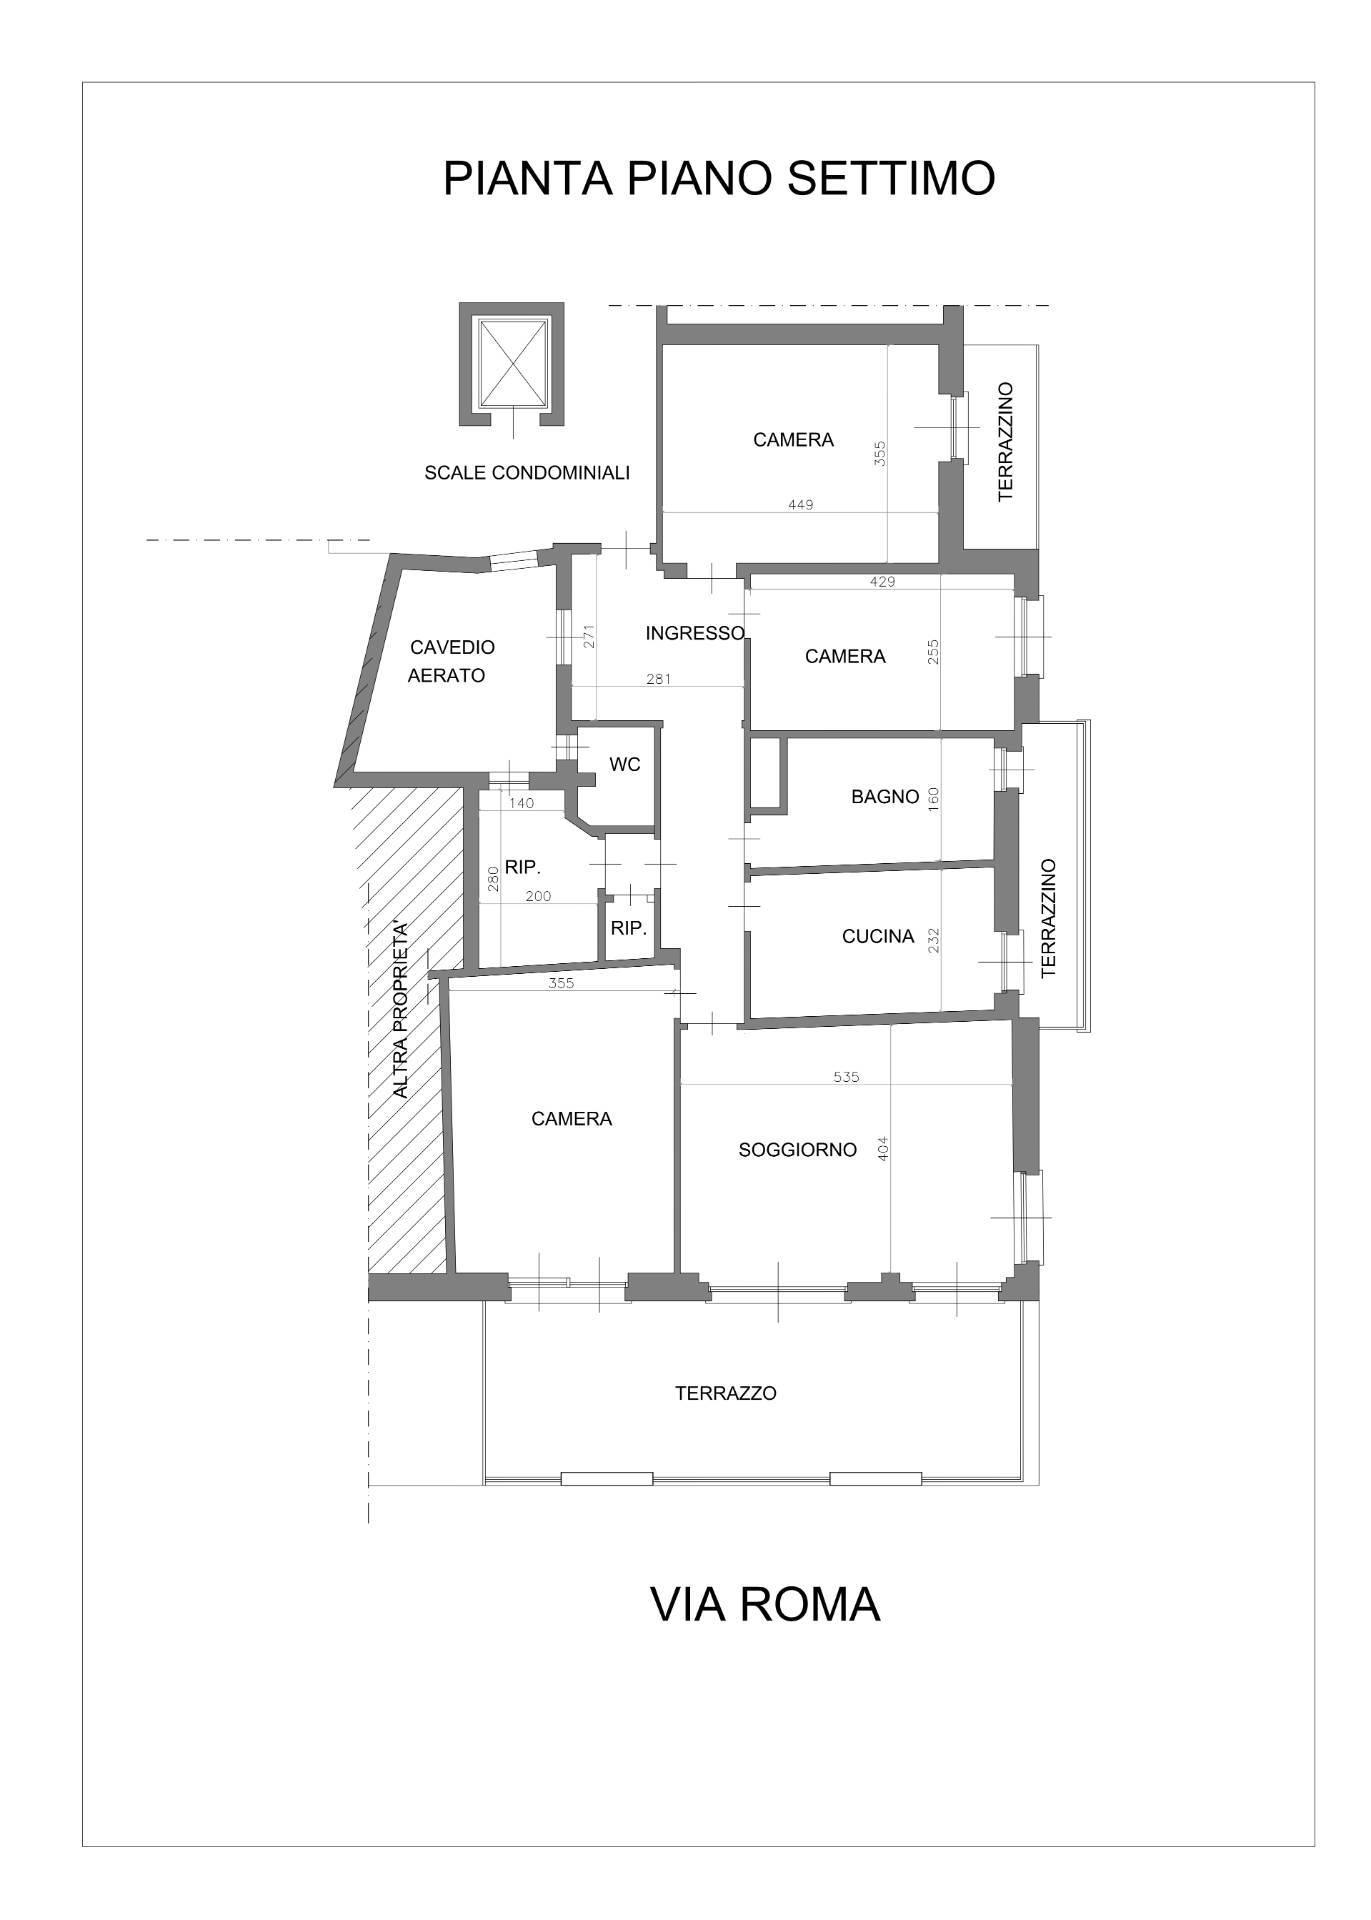 Attico in Vendita a Alassio: 5 locali, 134 mq - Foto 20